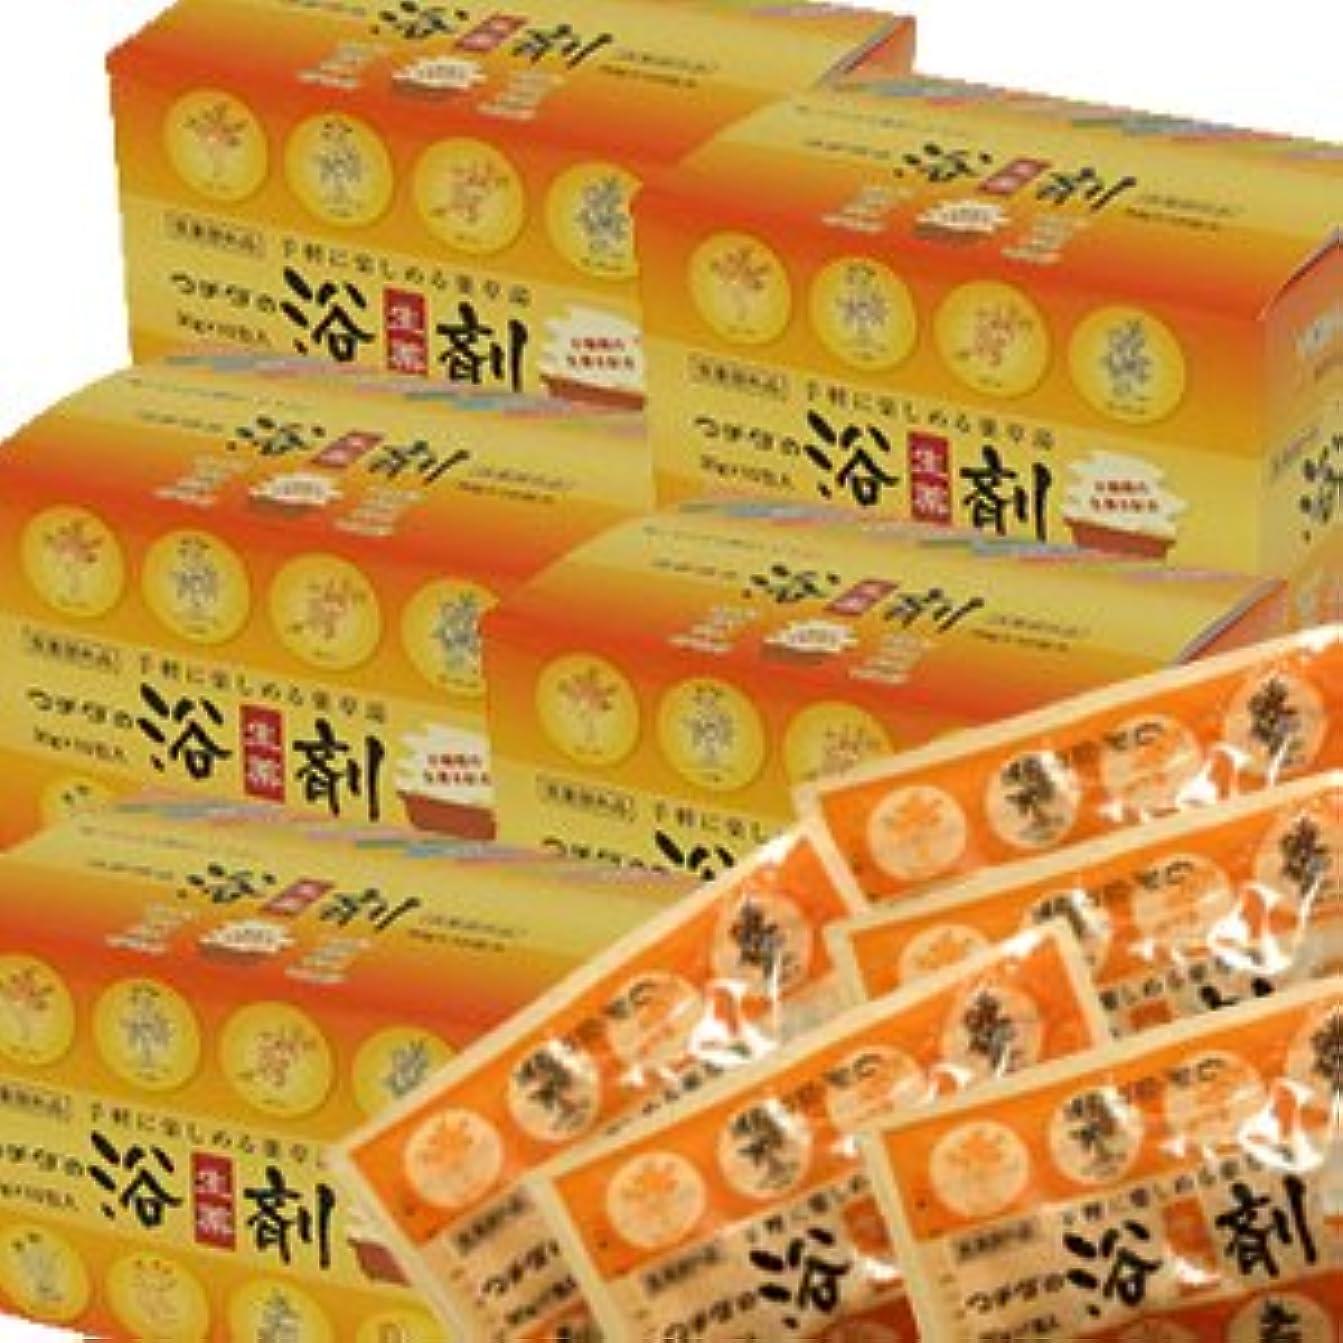 シードバリケード雄弁【5箱50包+10包】 ウチダの浴剤 30g×10包入×5個(50包)+10包おまけ付き